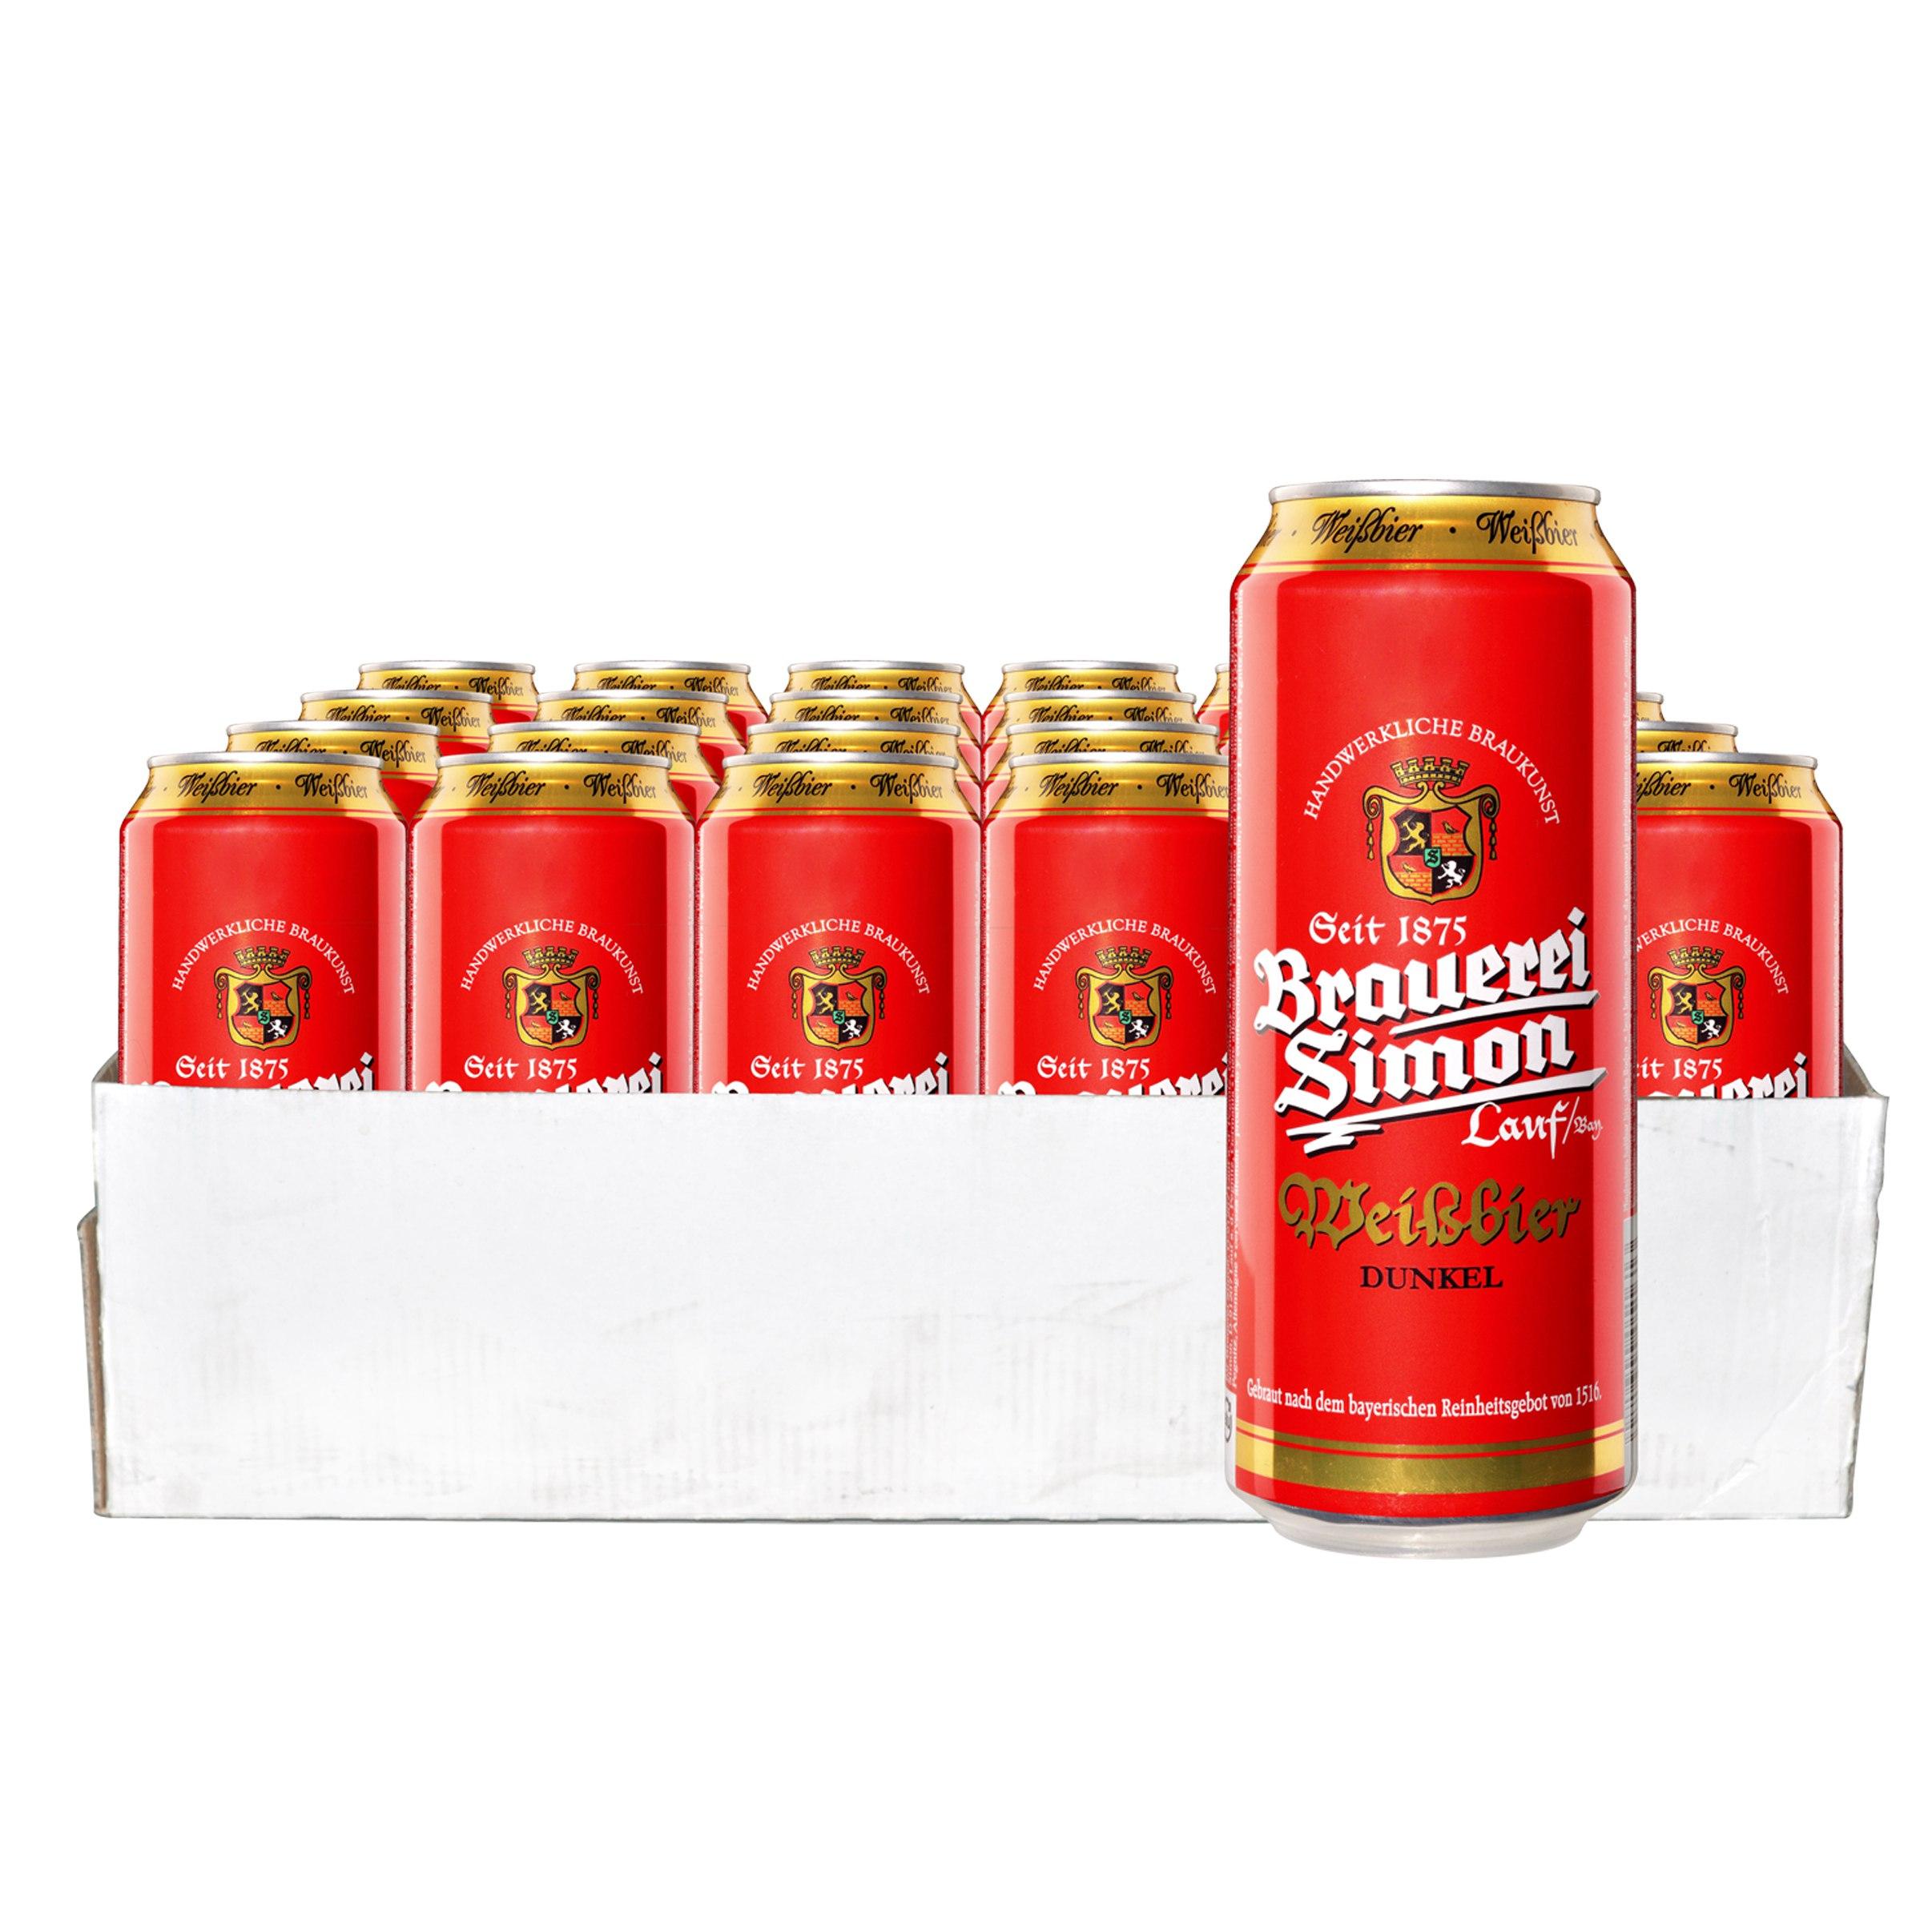 ~天貓超市~德國 Kaisersimon凱撒西蒙小麥黑啤酒500ml^~24聽